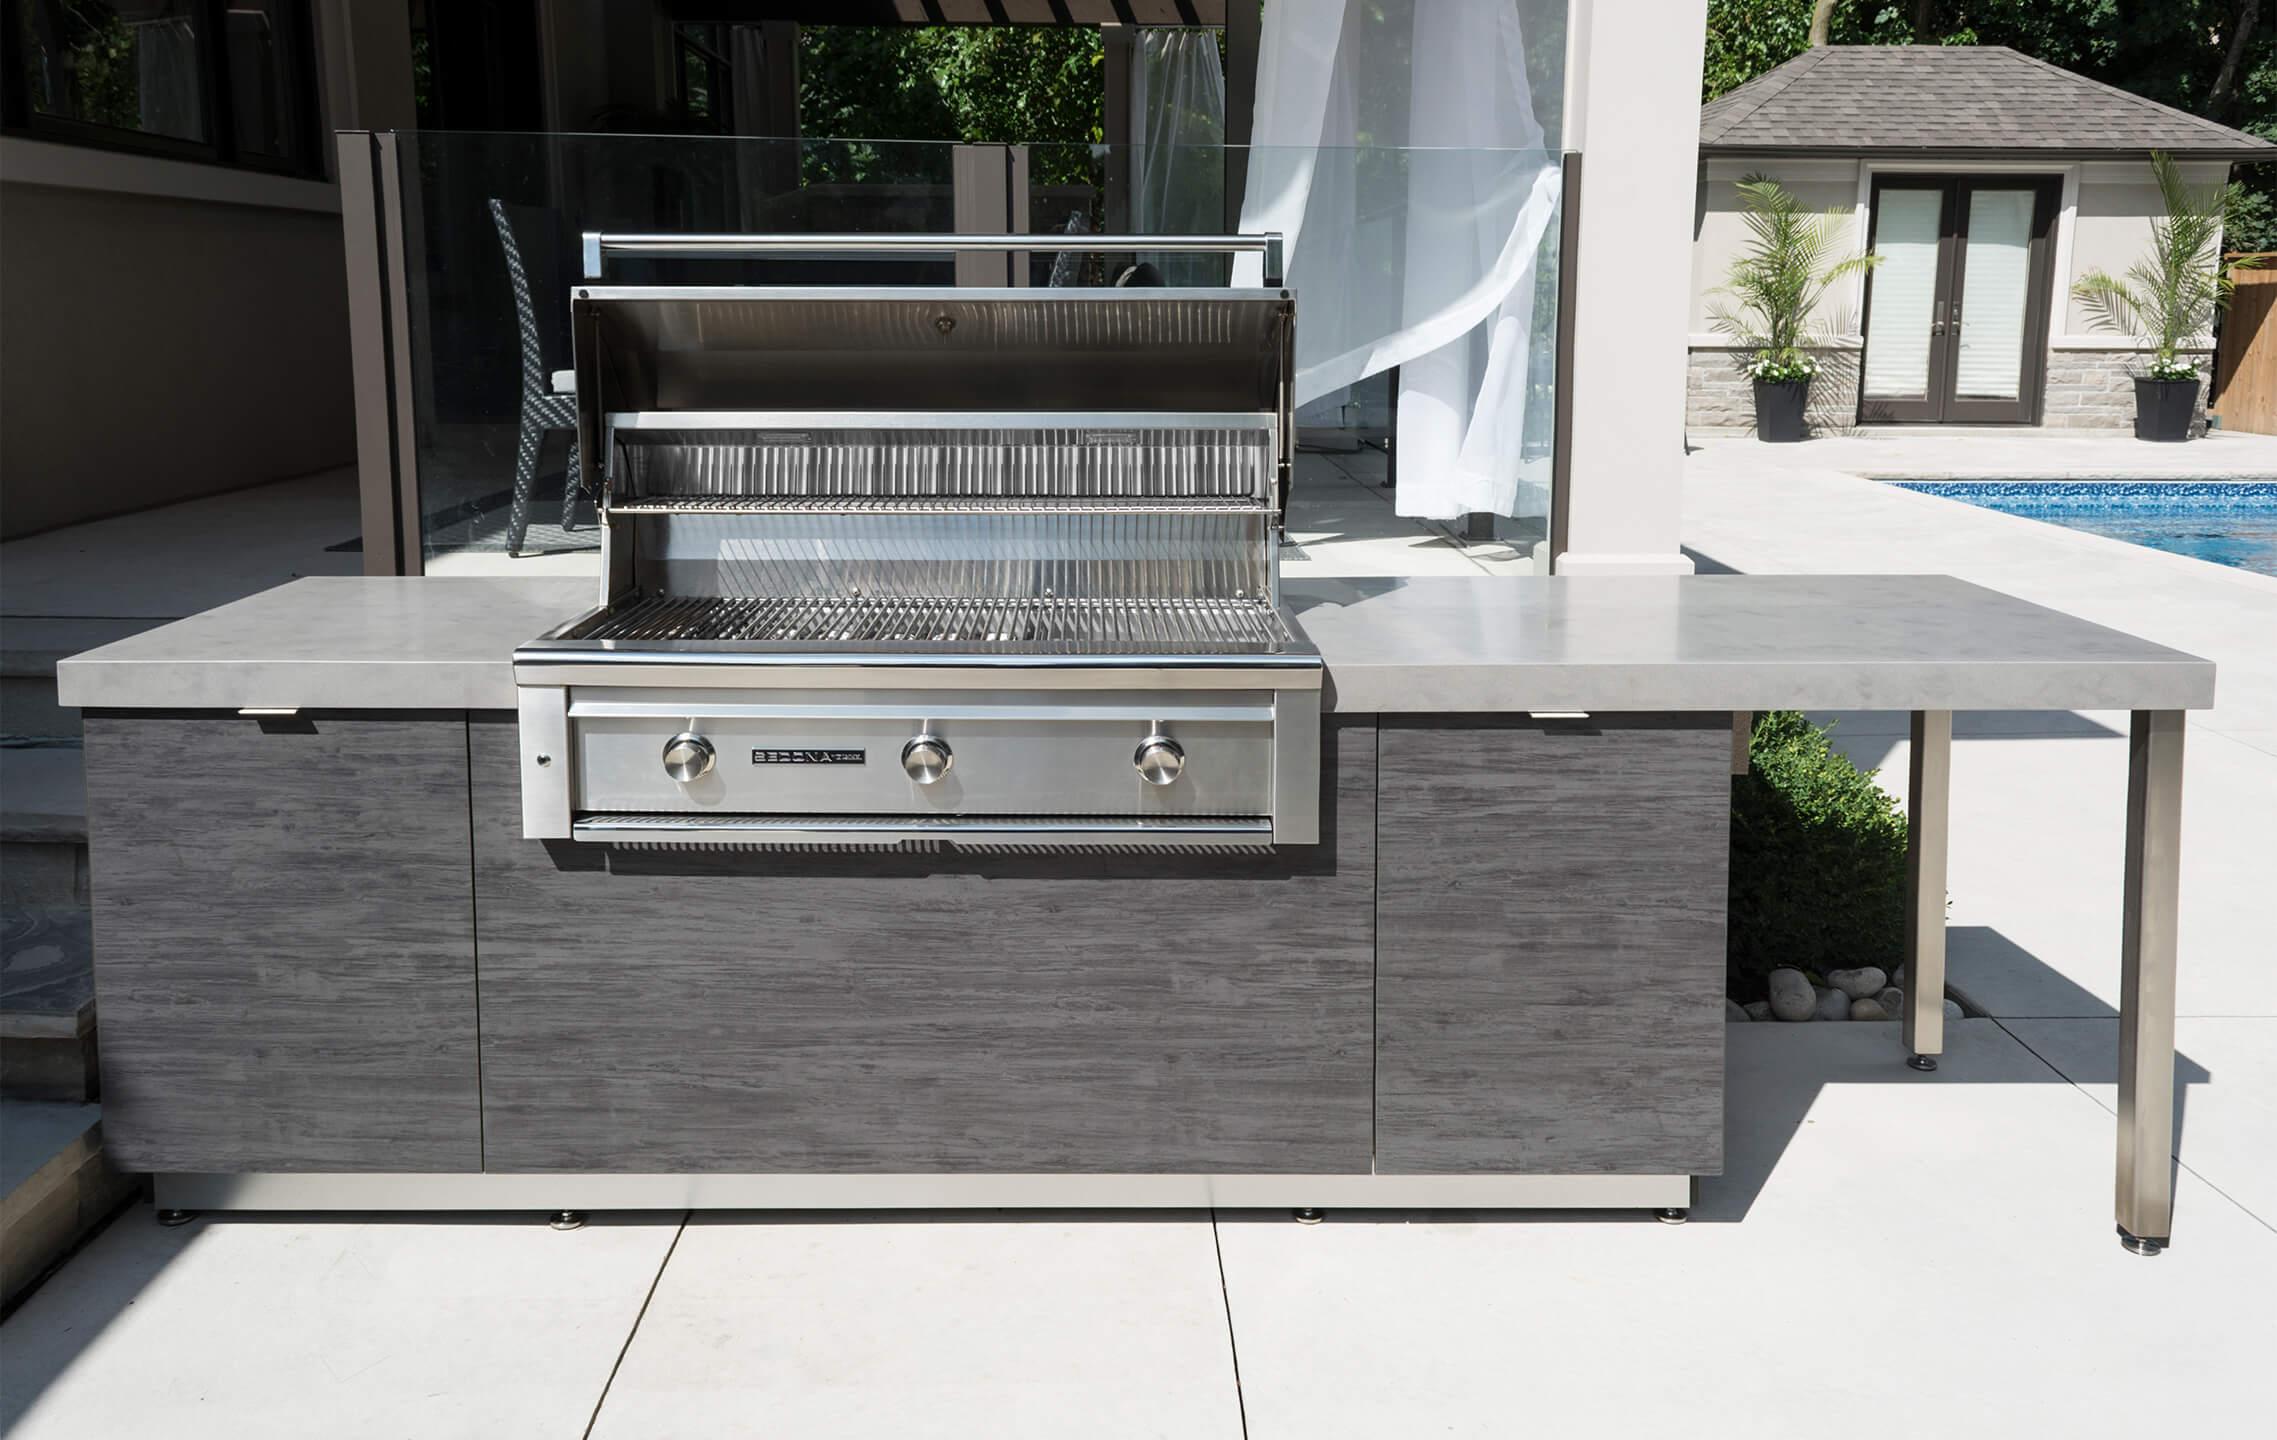 Garden Living - Outdoor Kitchens 9.jpg